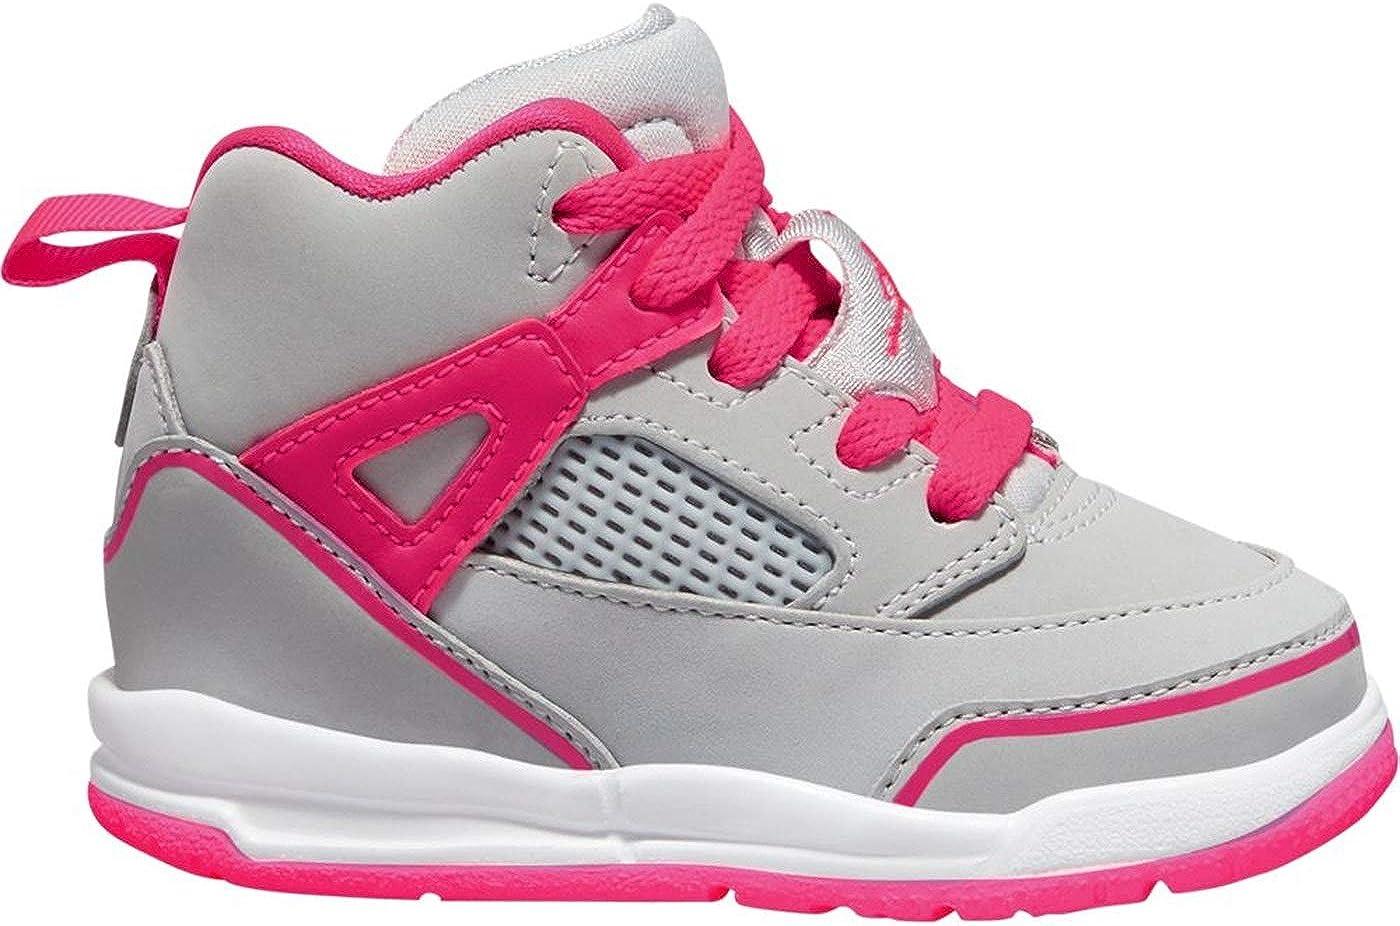 Baby Toddler Shoes hyper pink//white 644507 611 Free Shipping Jordan 1 Mid TD